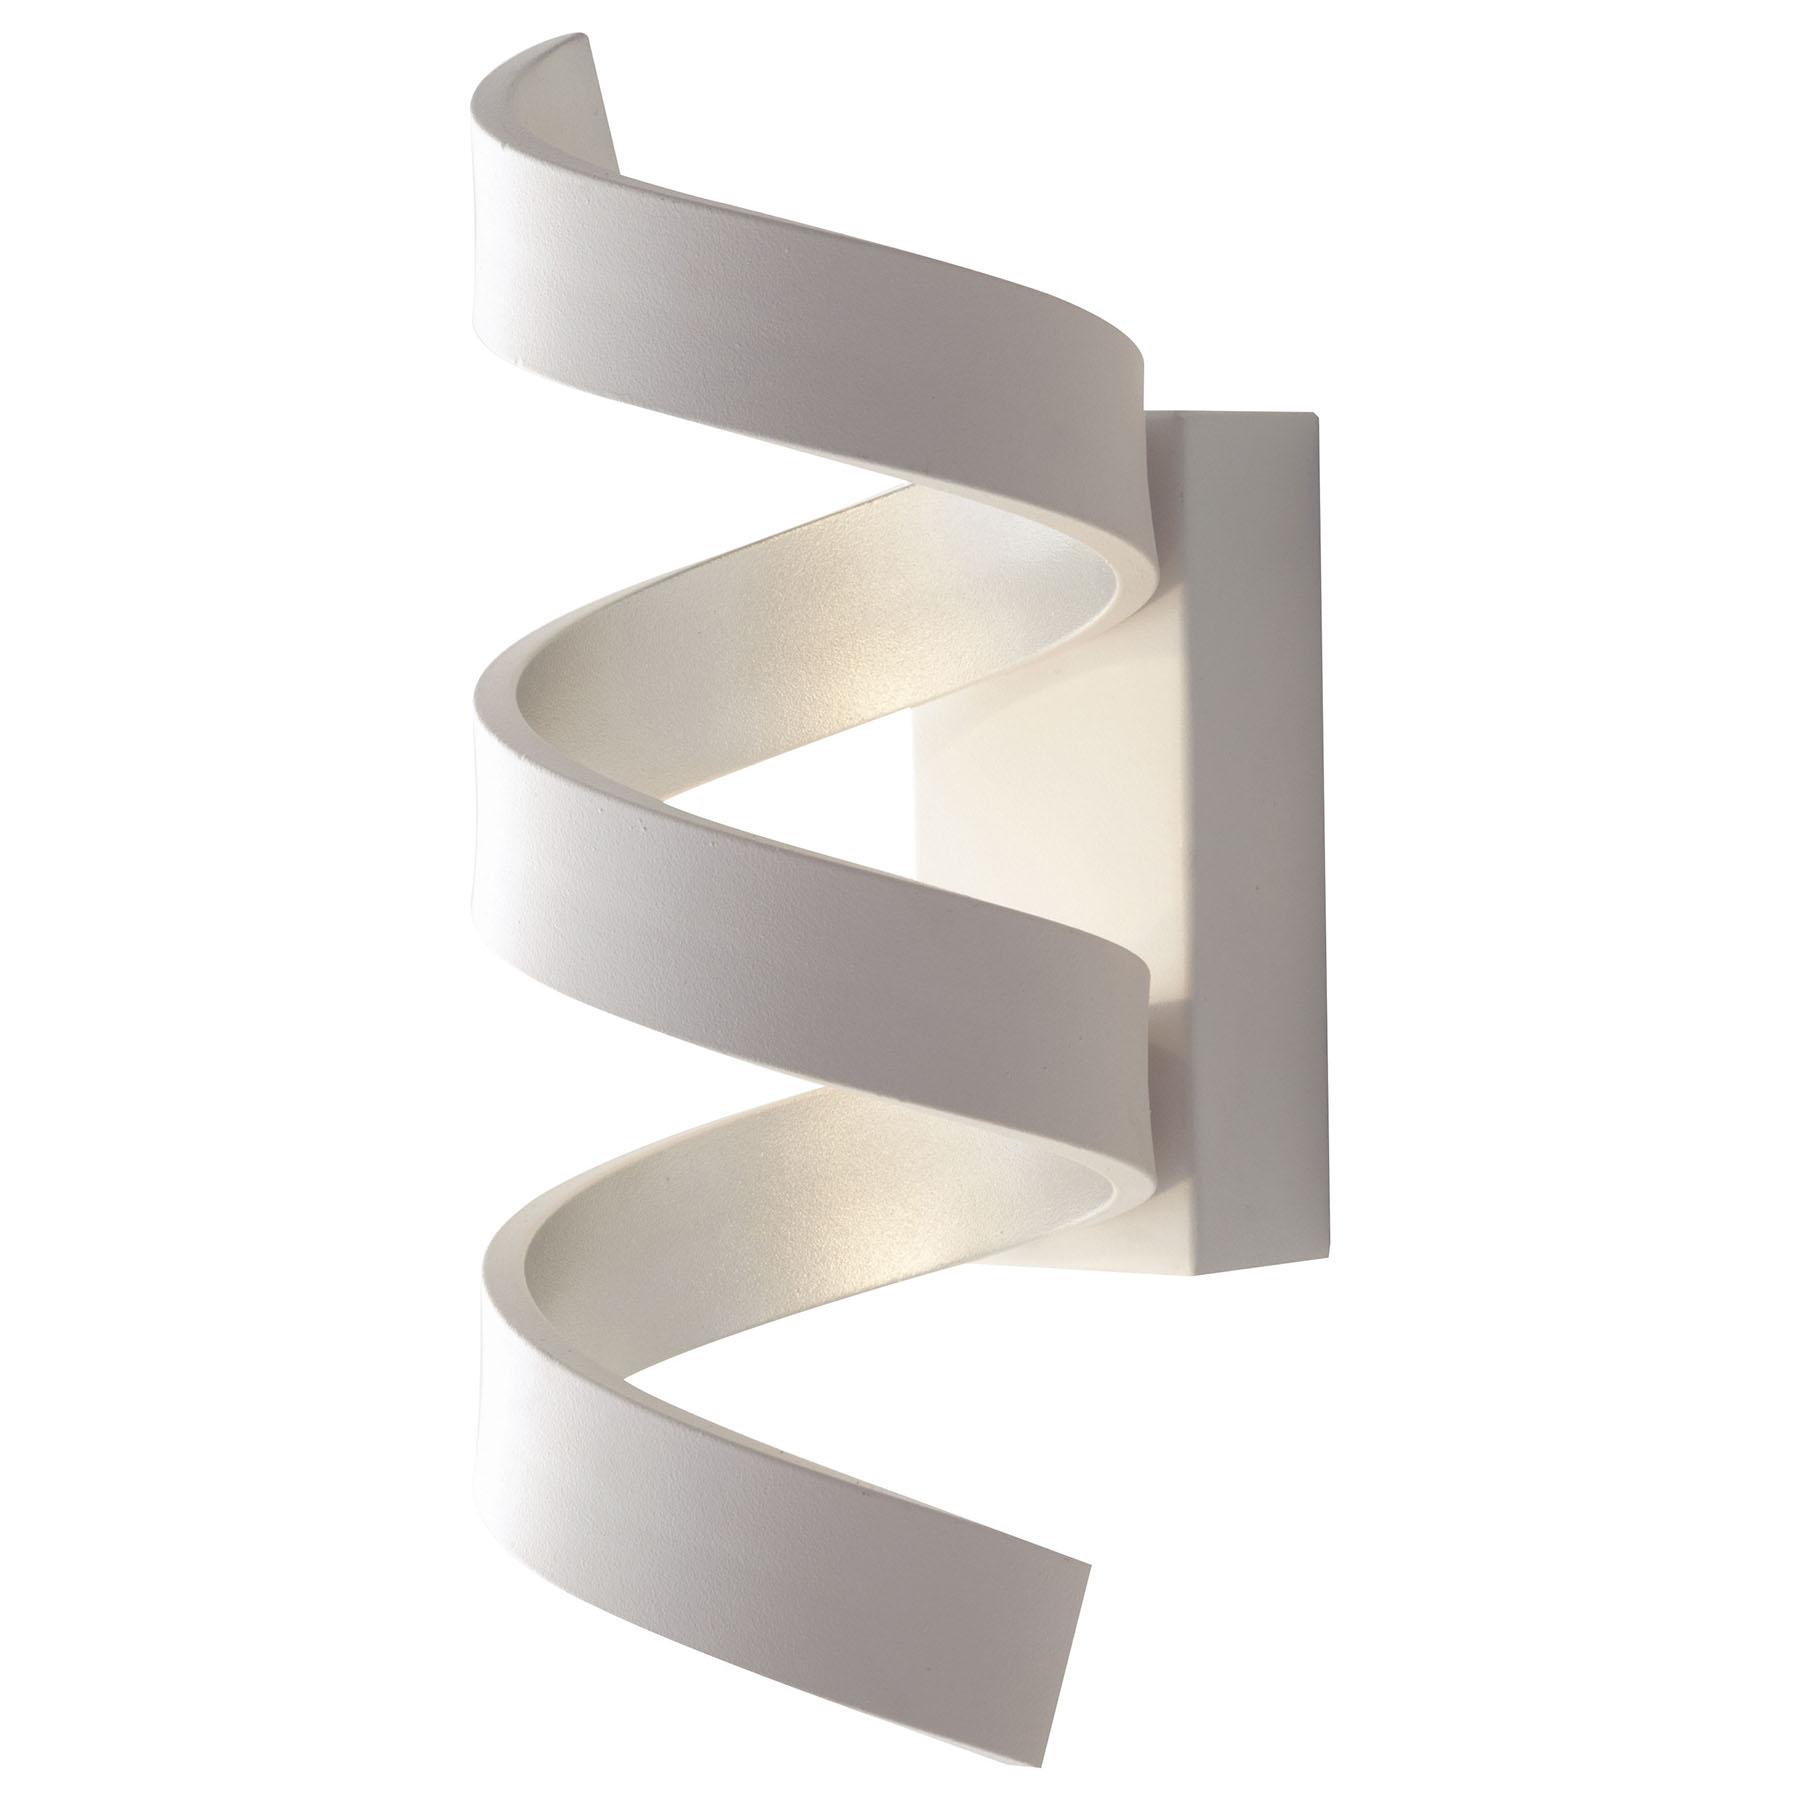 LED-Wandleuchte Helix, weiß-silber, Höhe 26 cm